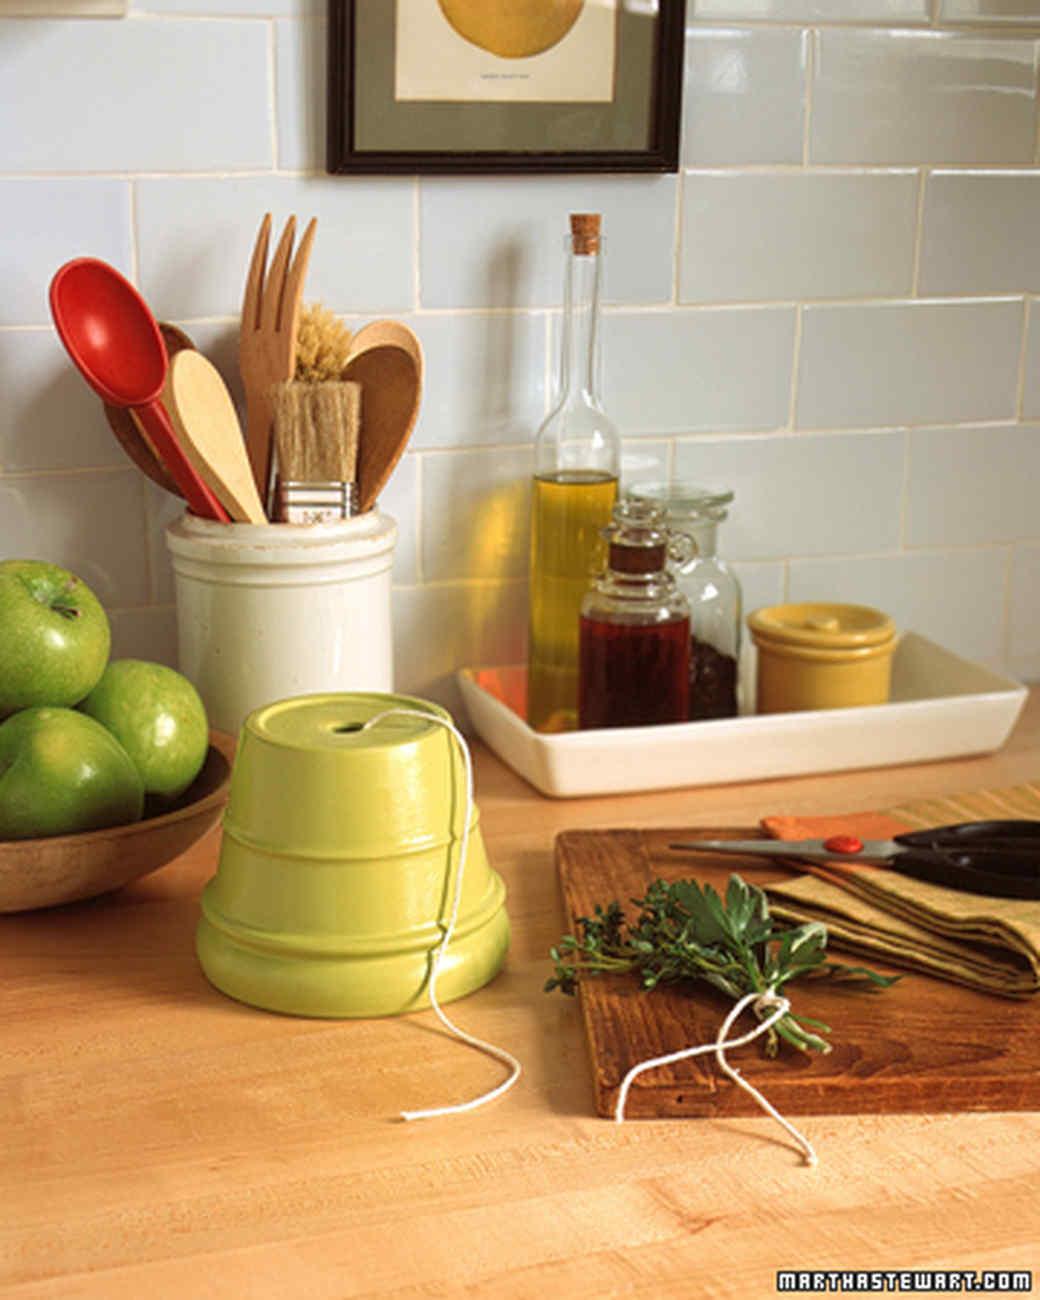 Kitchen Counter With Food Kitchen Organizers  Martha Stewart